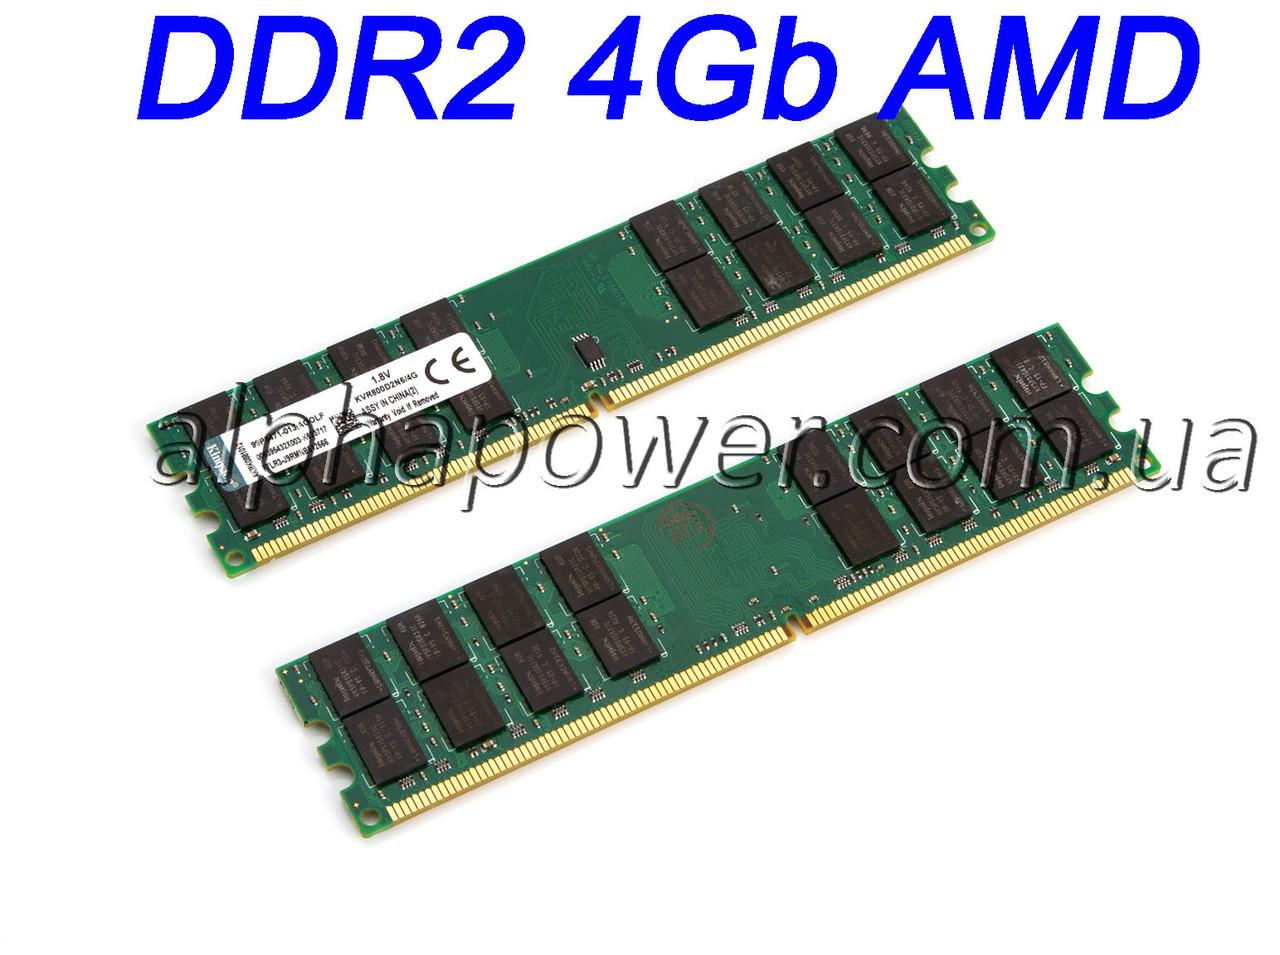 DDR2 4GB KVR800D2N6 4G 800Mhz 240pin ОЗУ оперативная память, для платформ AMD